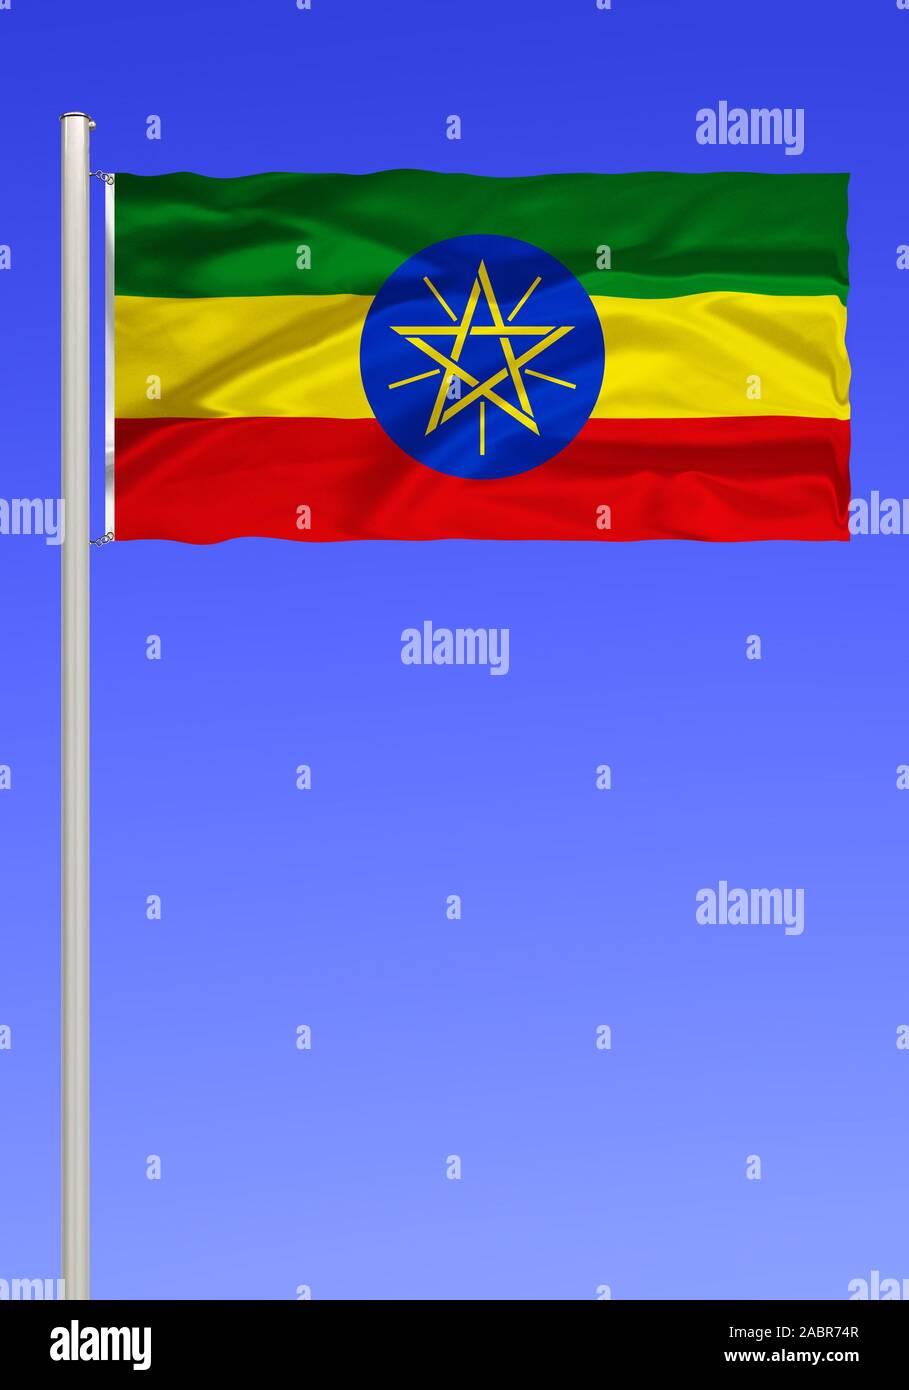 Flagge von Aethiopien, Binnenstaat in Nordafrika, Afrika, frueher Abessinien, Hauptstadt is Addis Abeba, Stock Photo